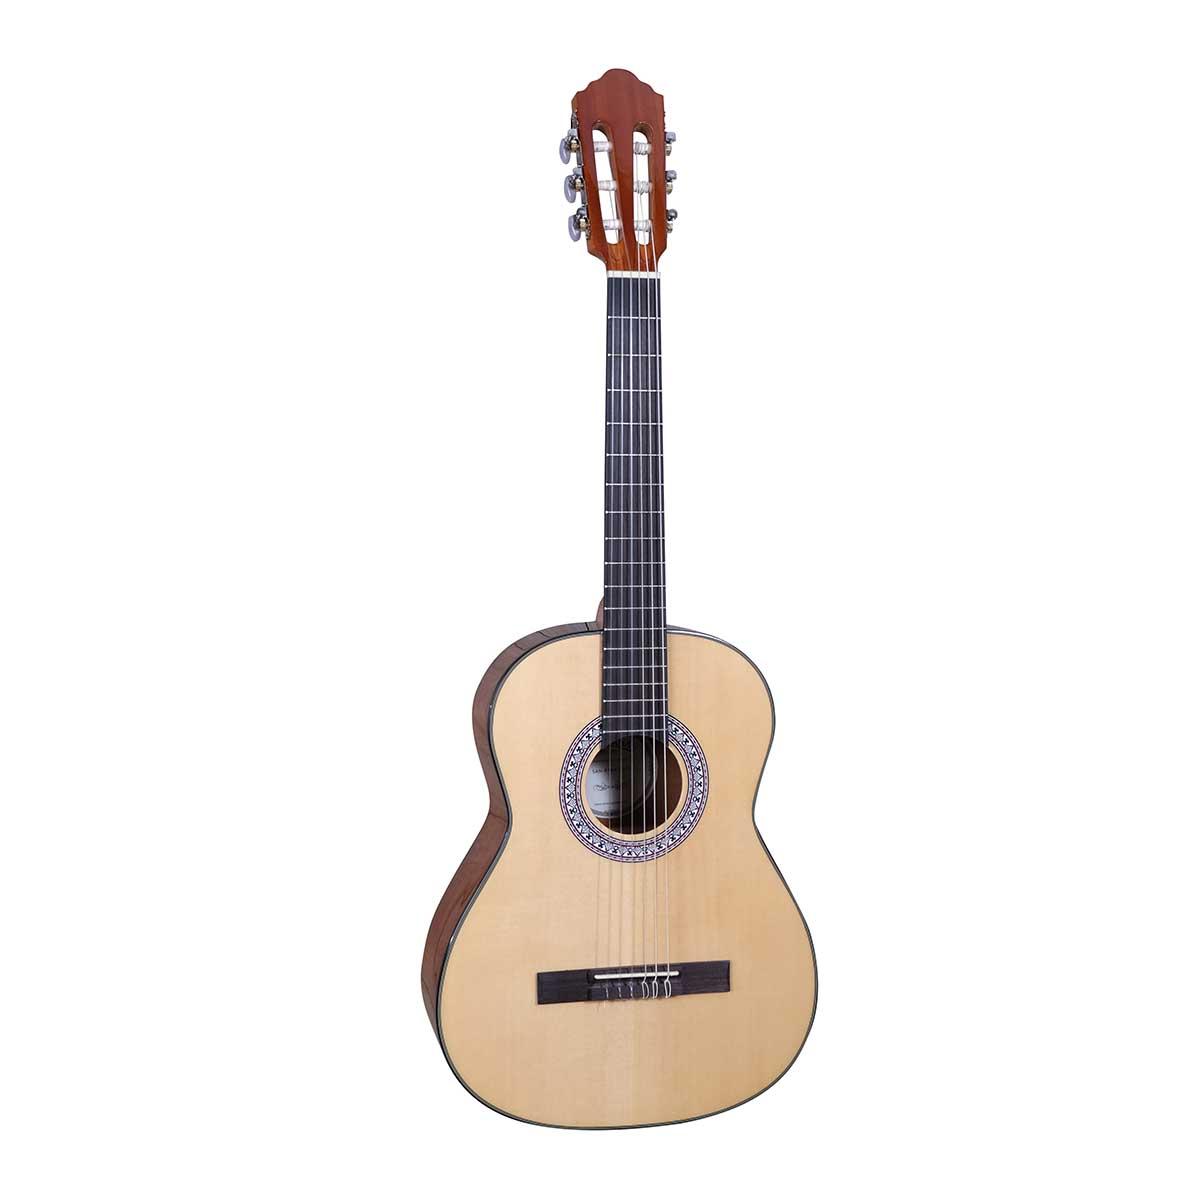 Santana B7 NA LEFT v2 børne spansk-guitar, venstrehåndet natur